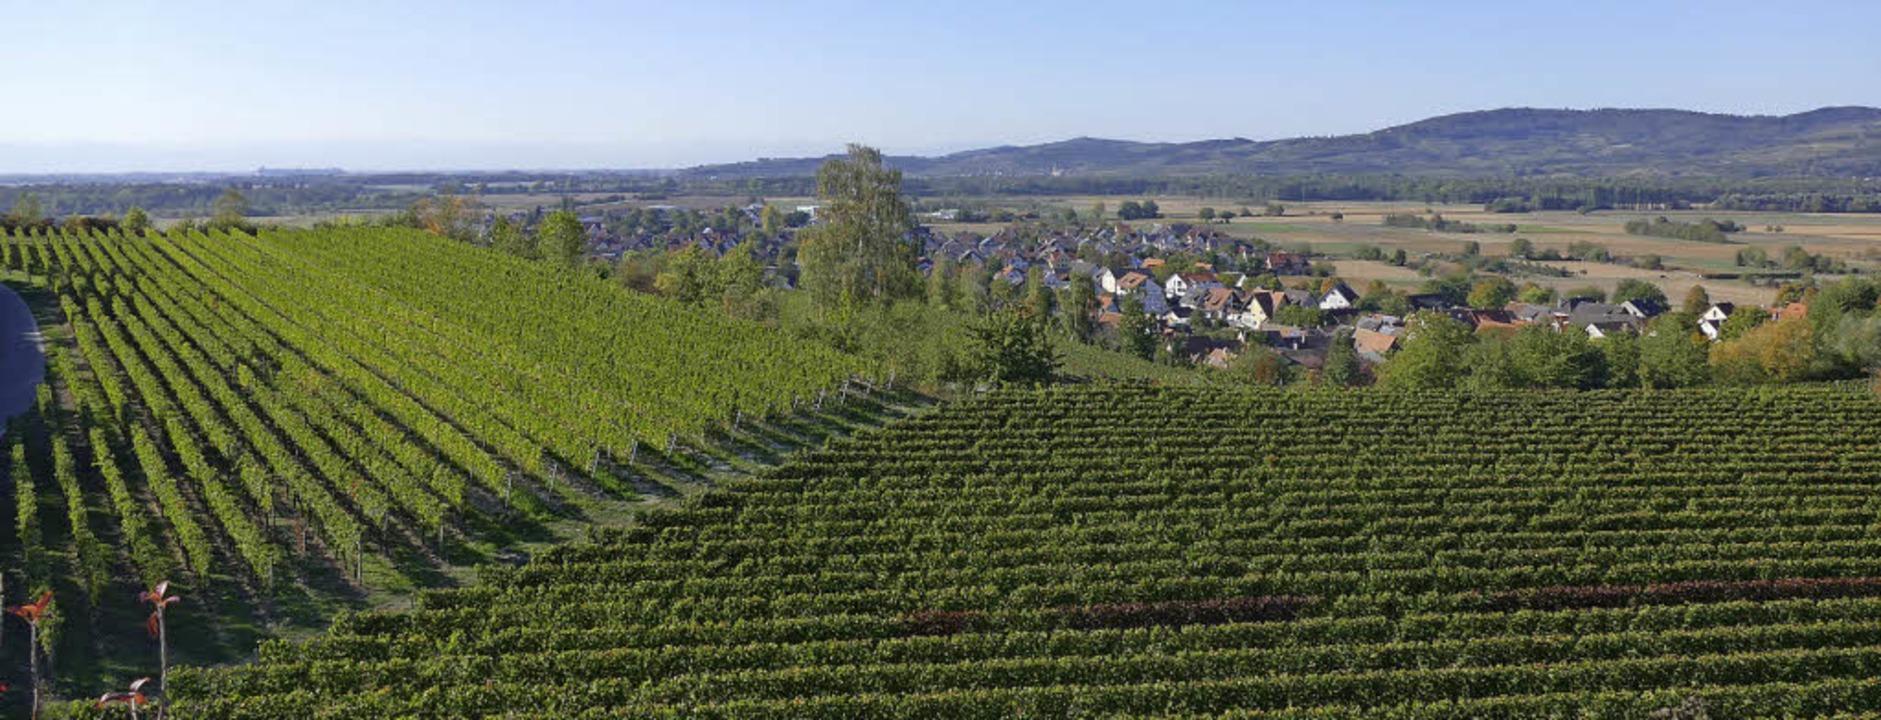 Herrliche Aussicht vom Tuniberg:  Wein... Kaiserstuhl und dazwischen  Merdingen  | Foto: F. Dölling